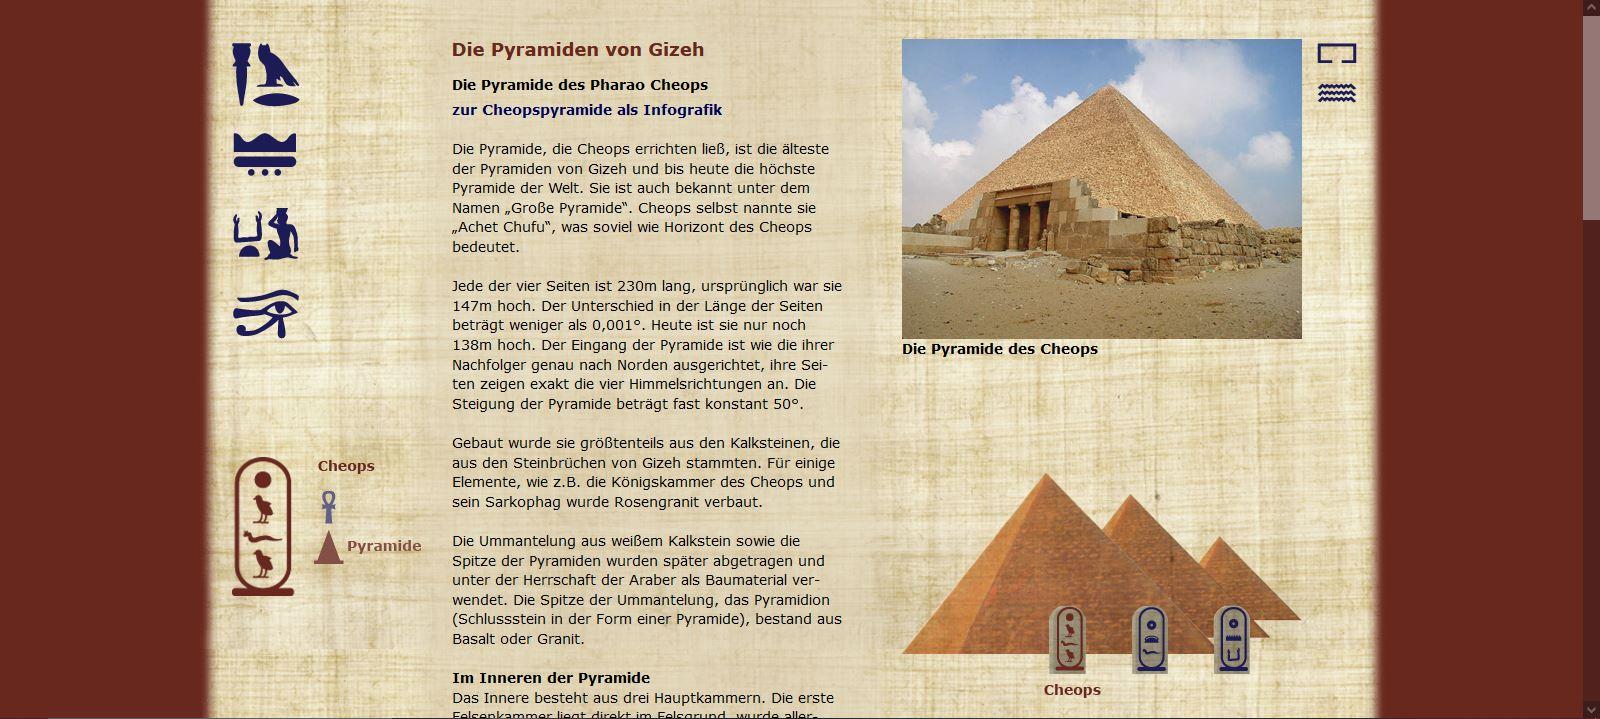 Die Pyramiden von Gizeh - Cheops - Pyramide